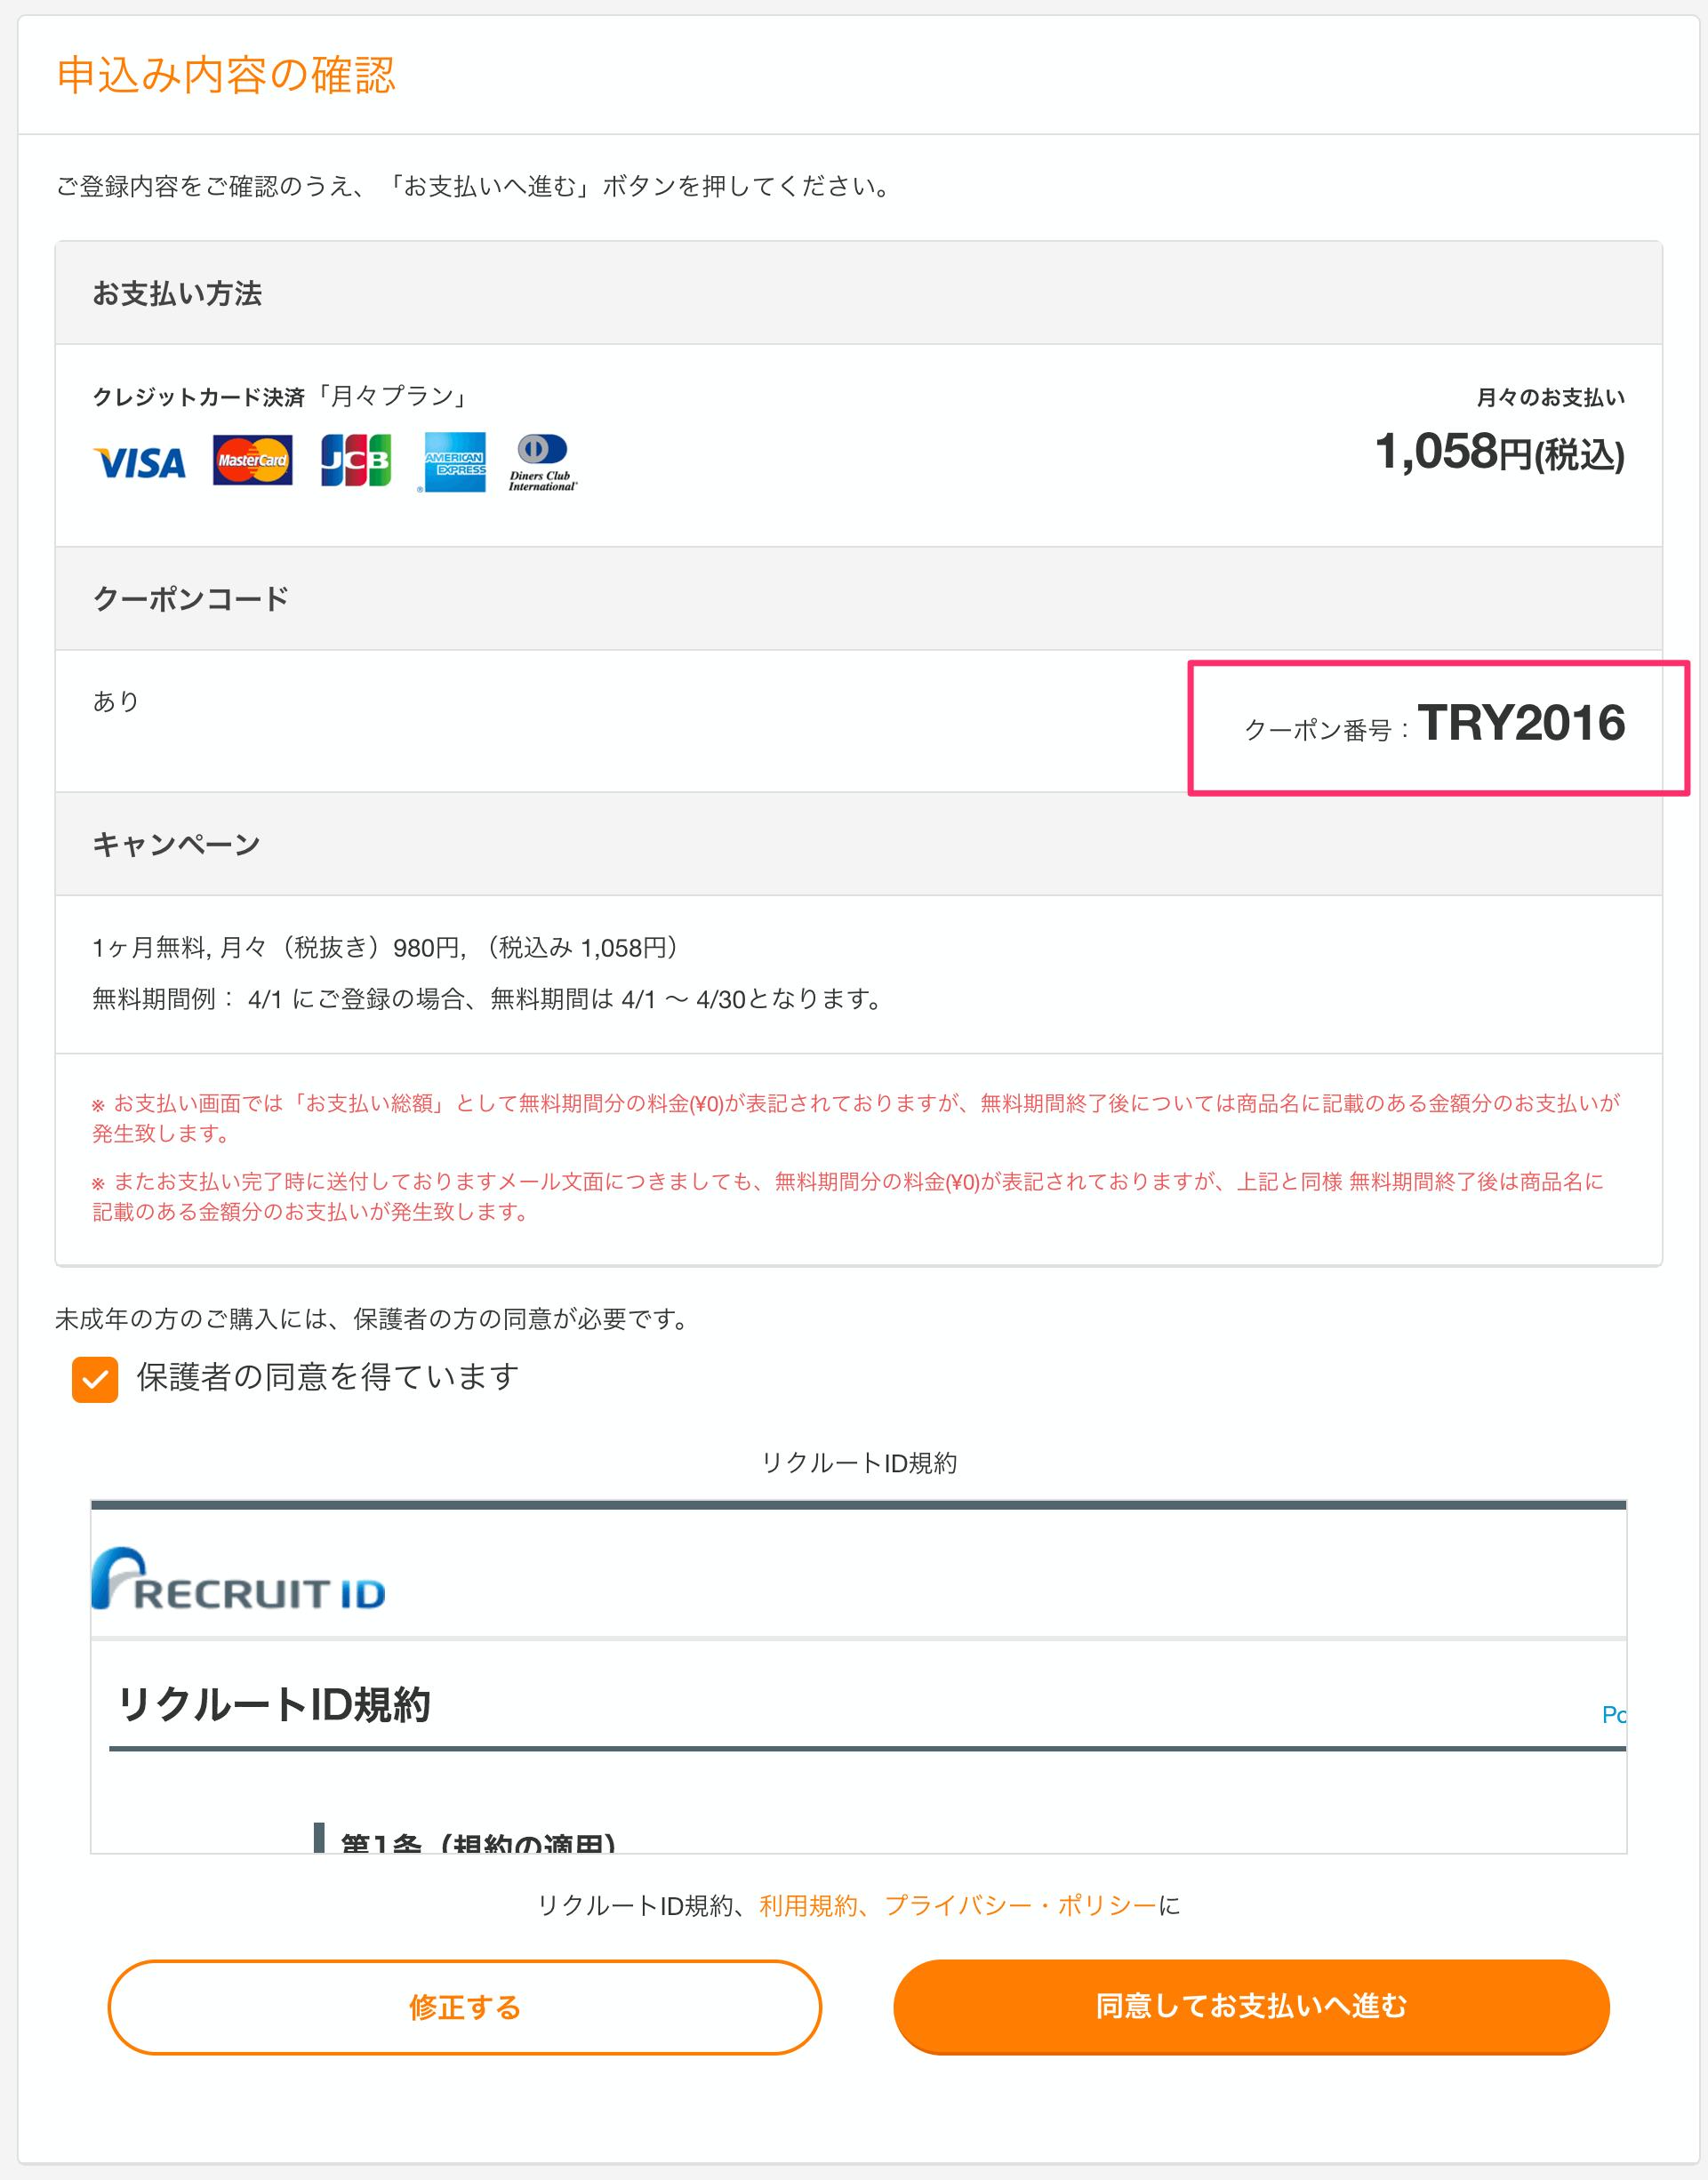 キャンペーンコード確認画面